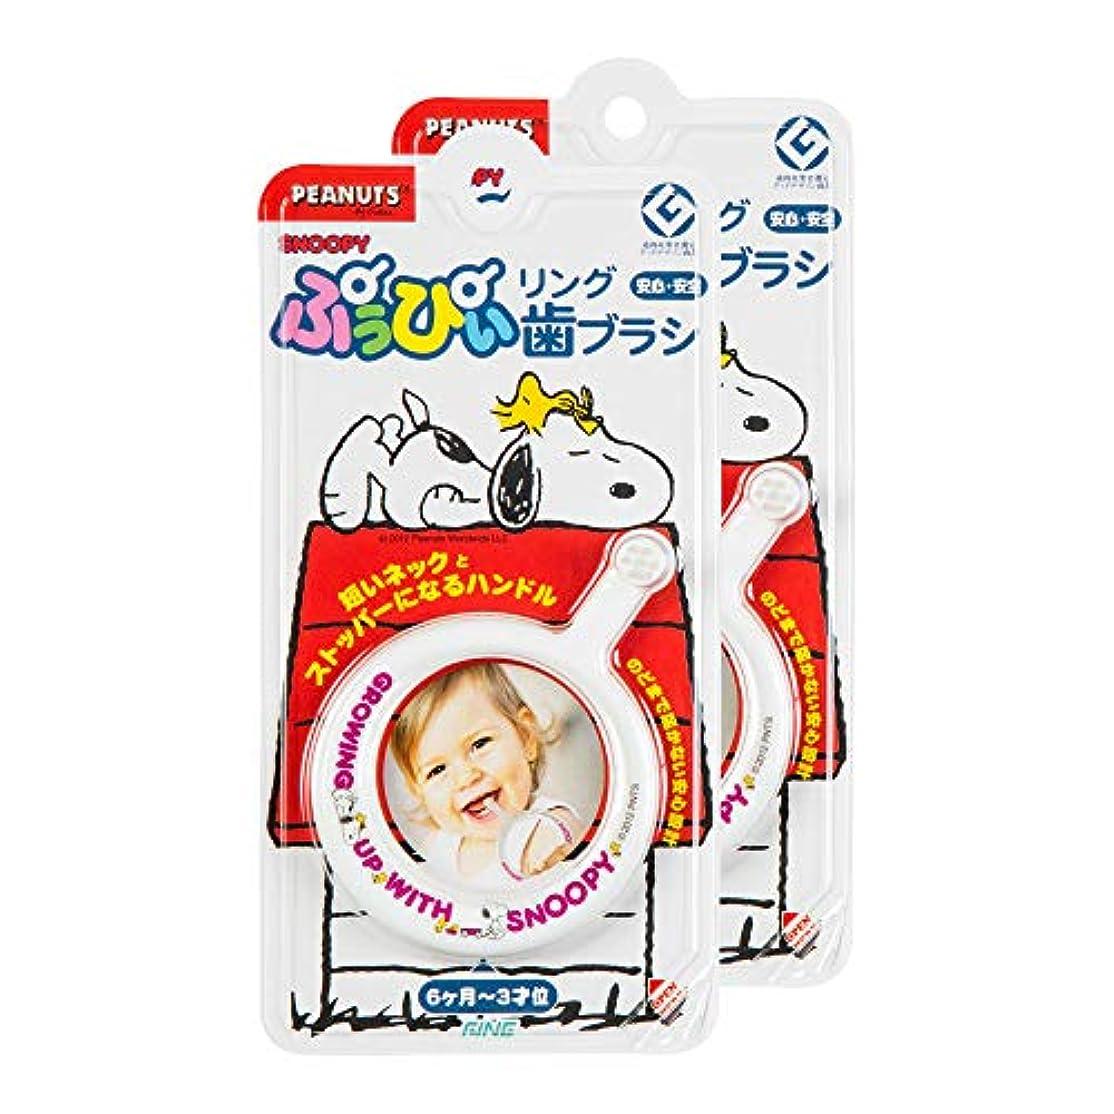 半島ペストリー対【Amazon.co.jp限定】 ファイン ベビー用歯ブラシ 2個組 ピンク 2組 4976858872099